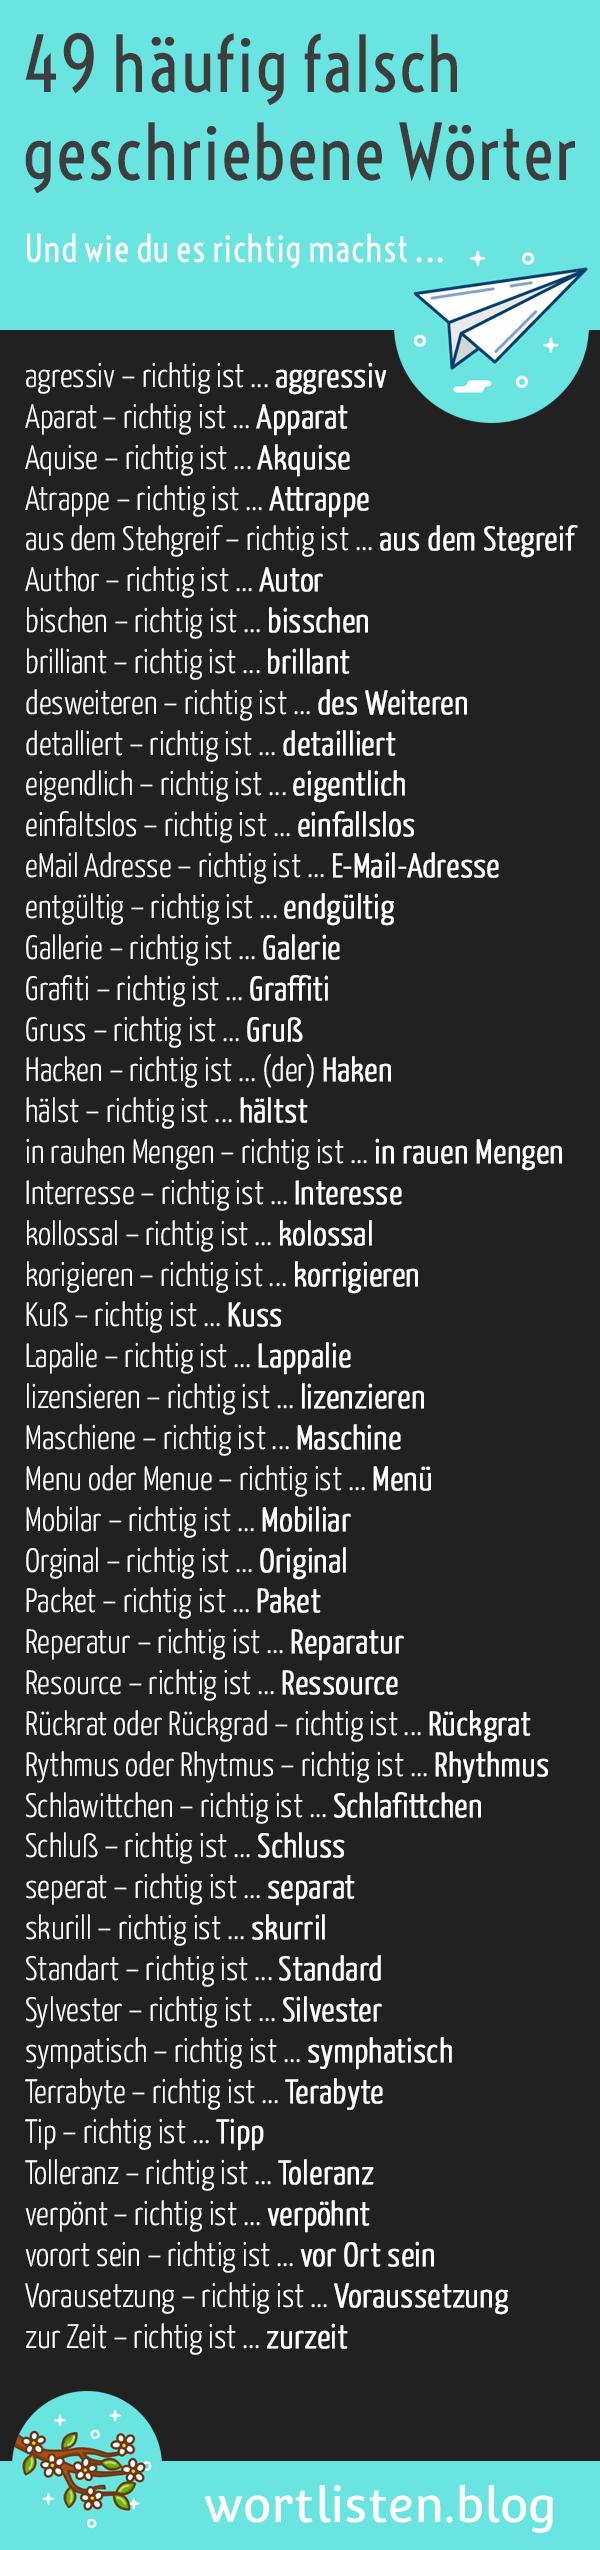 49 häufig falsch geschriebene Wörter – Und wie du es richtig machst #dolistsorbooks